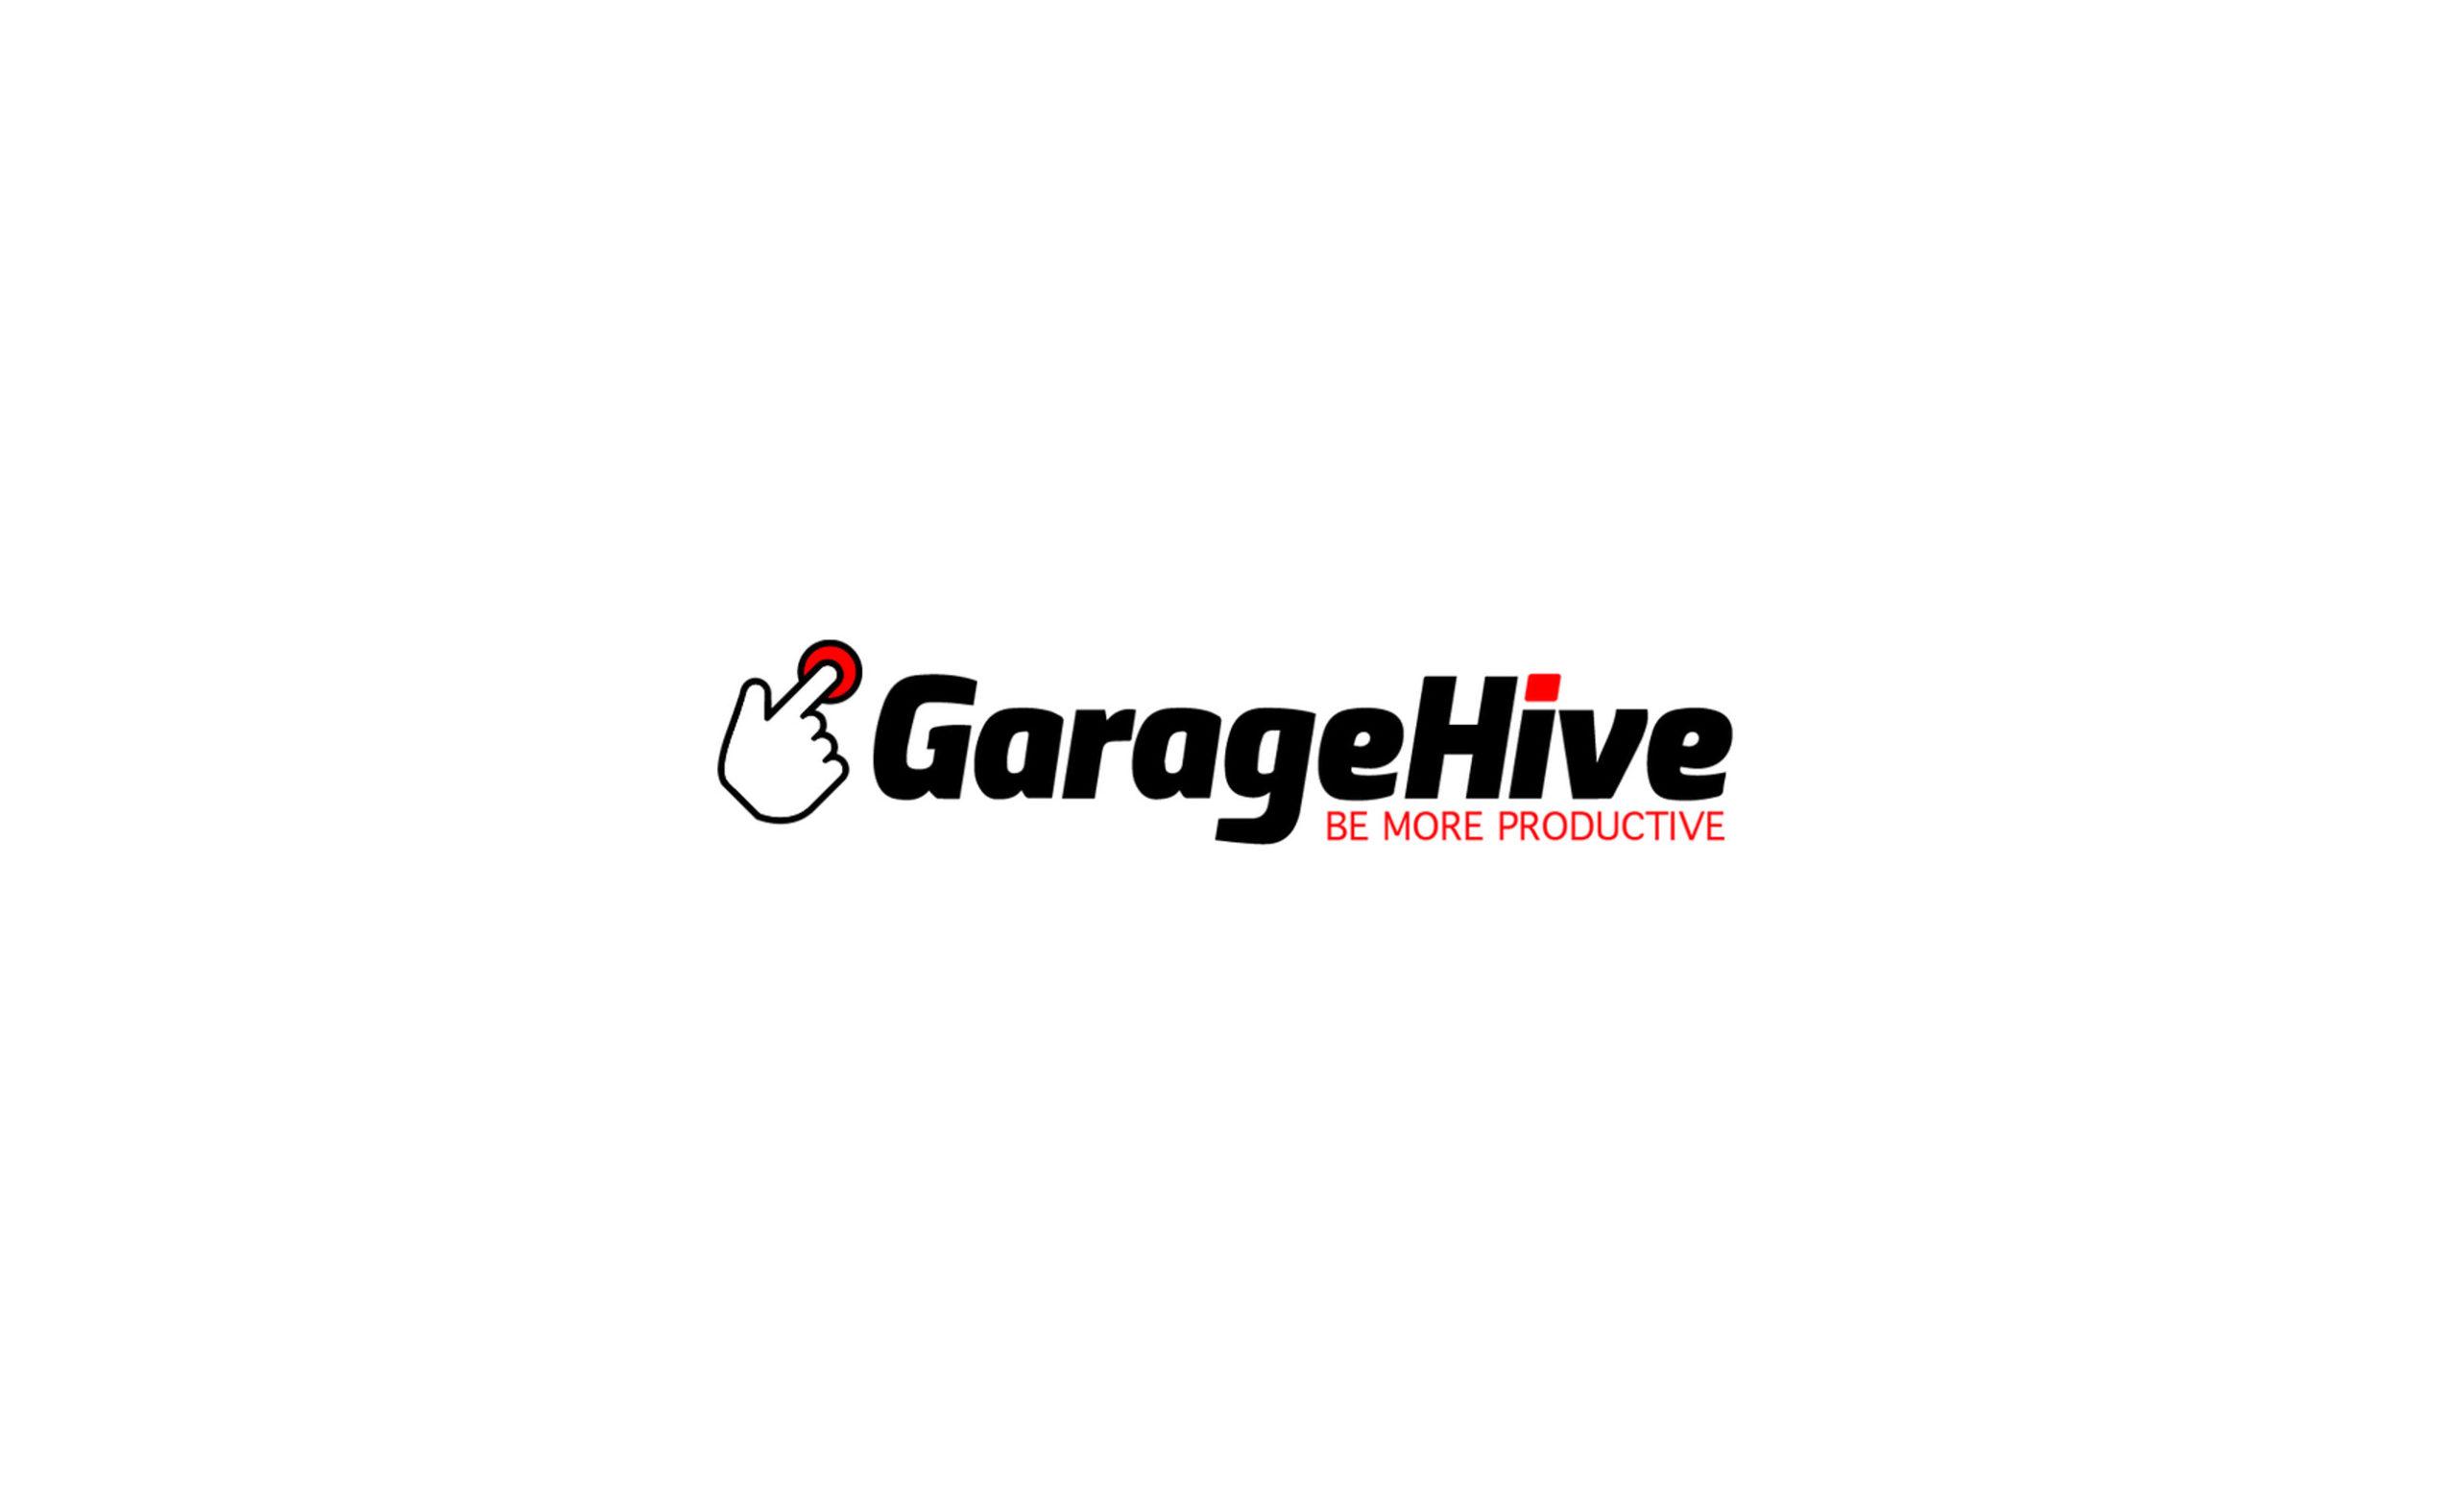 Garage Hive